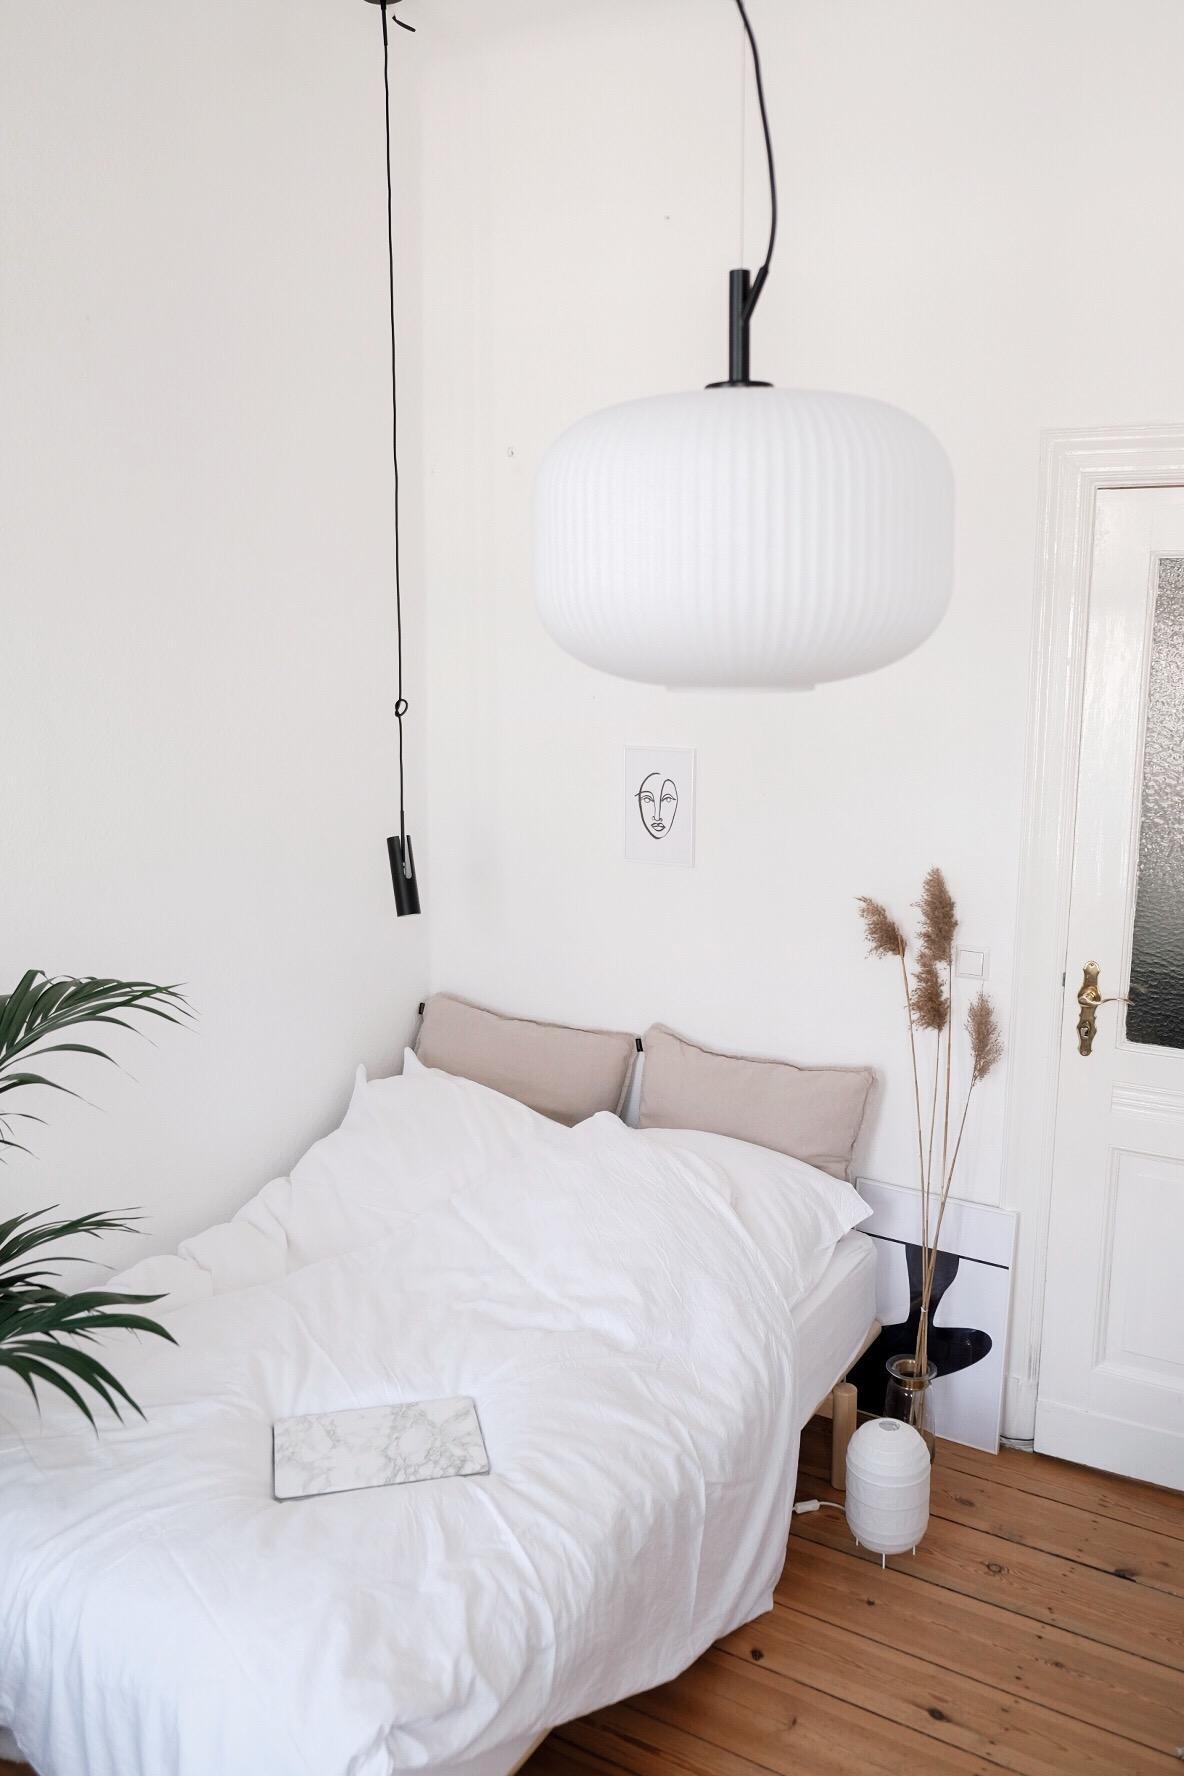 Full Size of Moderne Deckenlampen Schlafzimmer Deckenlampe Gold Obi Ikea Design Bauhaus Deckenleuchten Tipps Und Wohnideen Aus Der Community Günstig Wandtattoos Nolte Wohnzimmer Deckenlampen Schlafzimmer